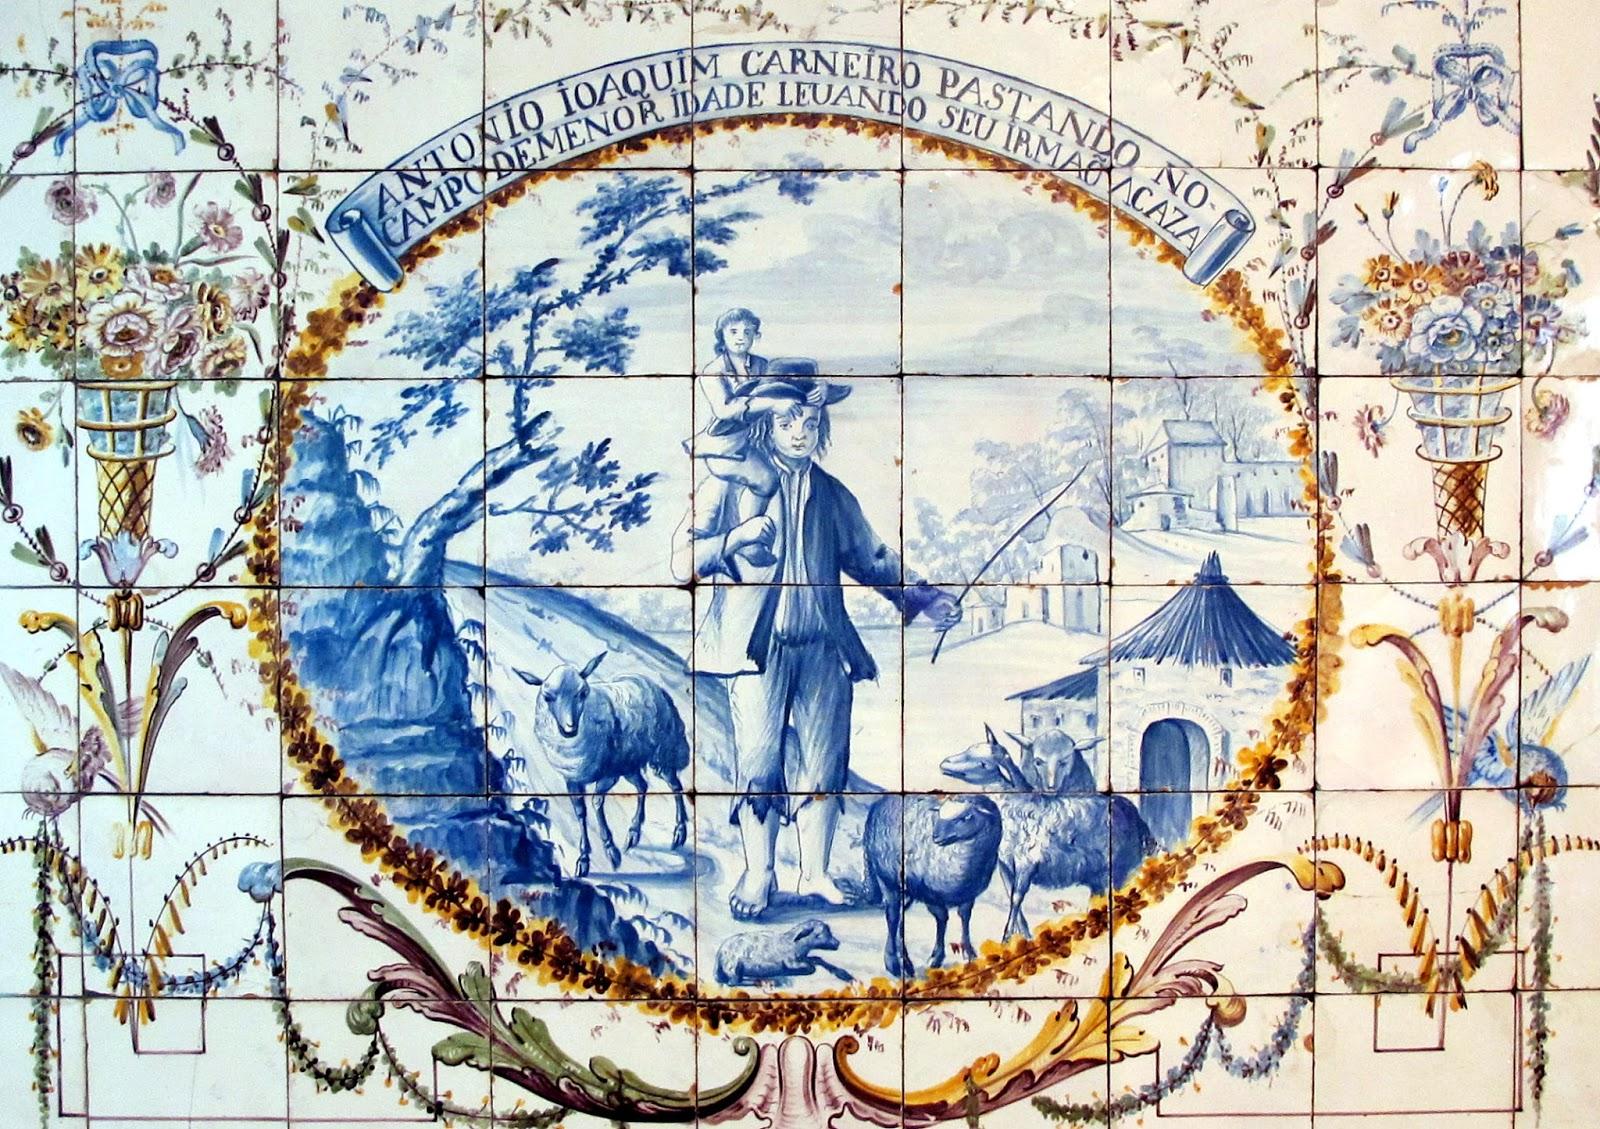 Expresso da linha a hist ria do chapeleiro ant nio for Azulejos historia